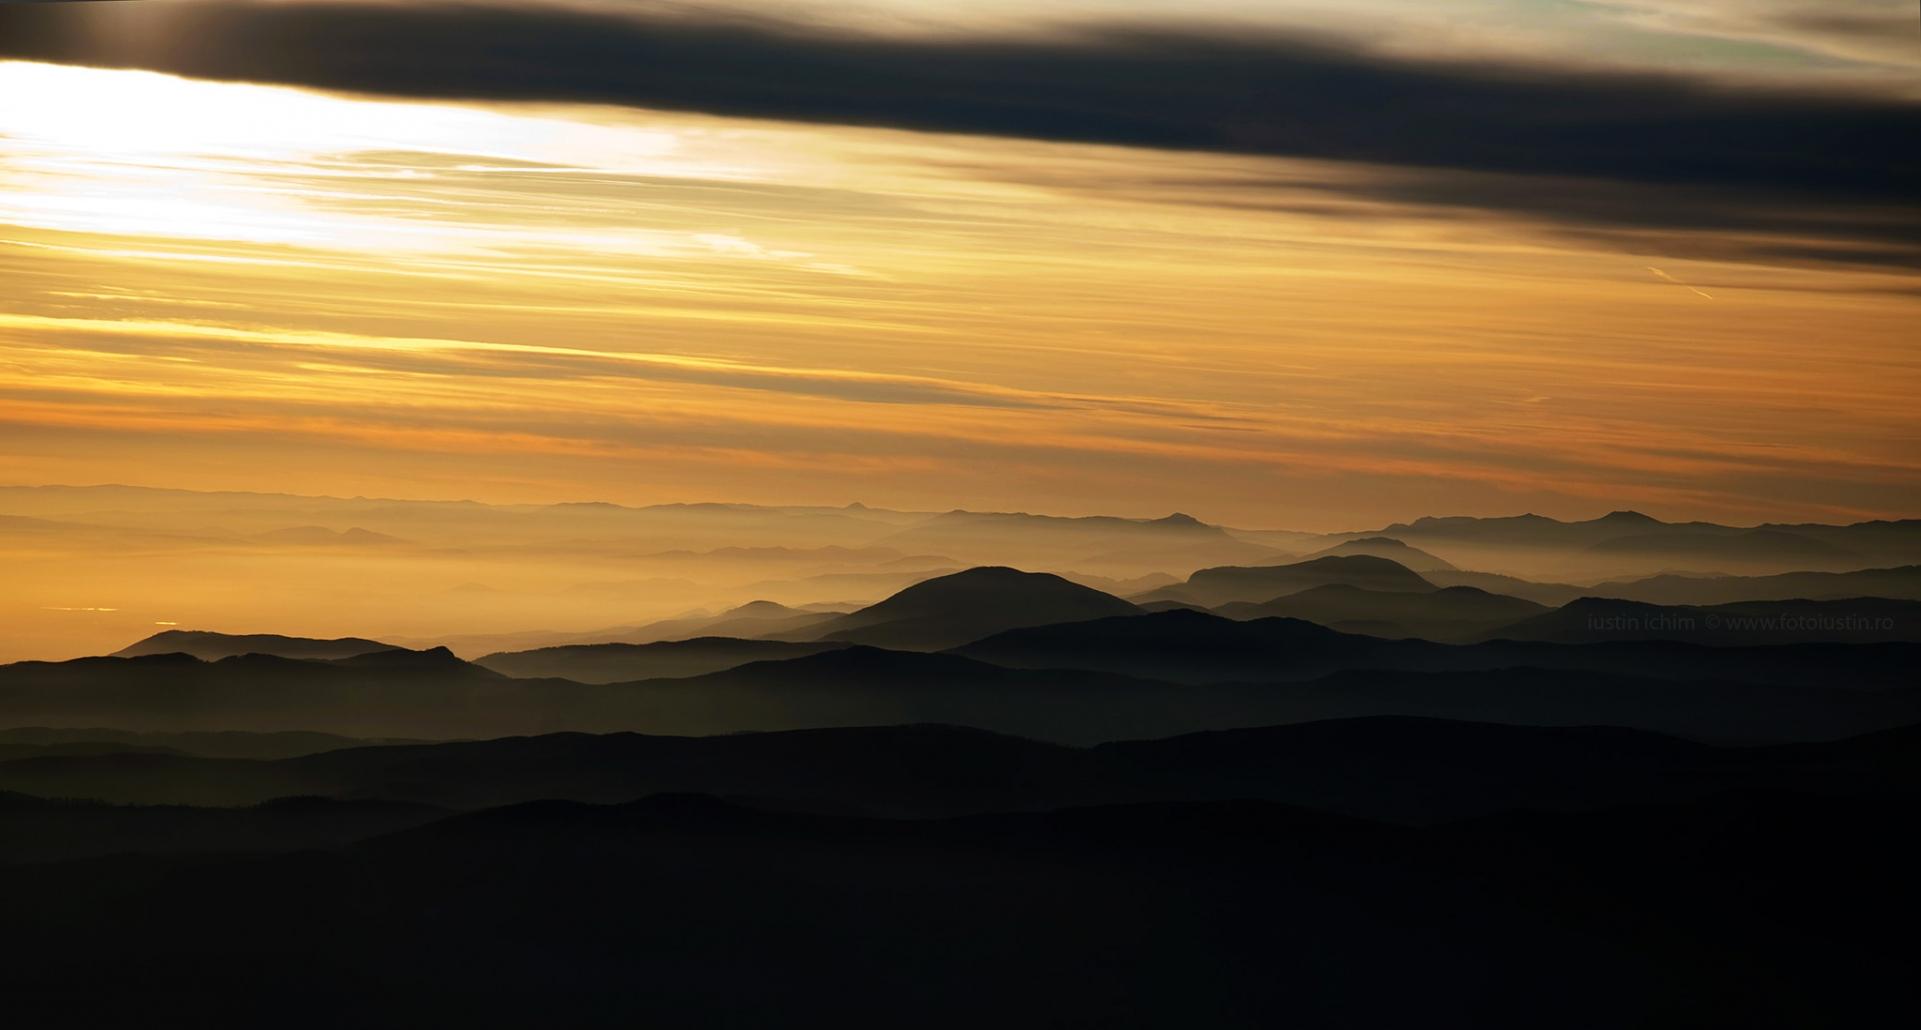 Peisaj montan in lumină de apus